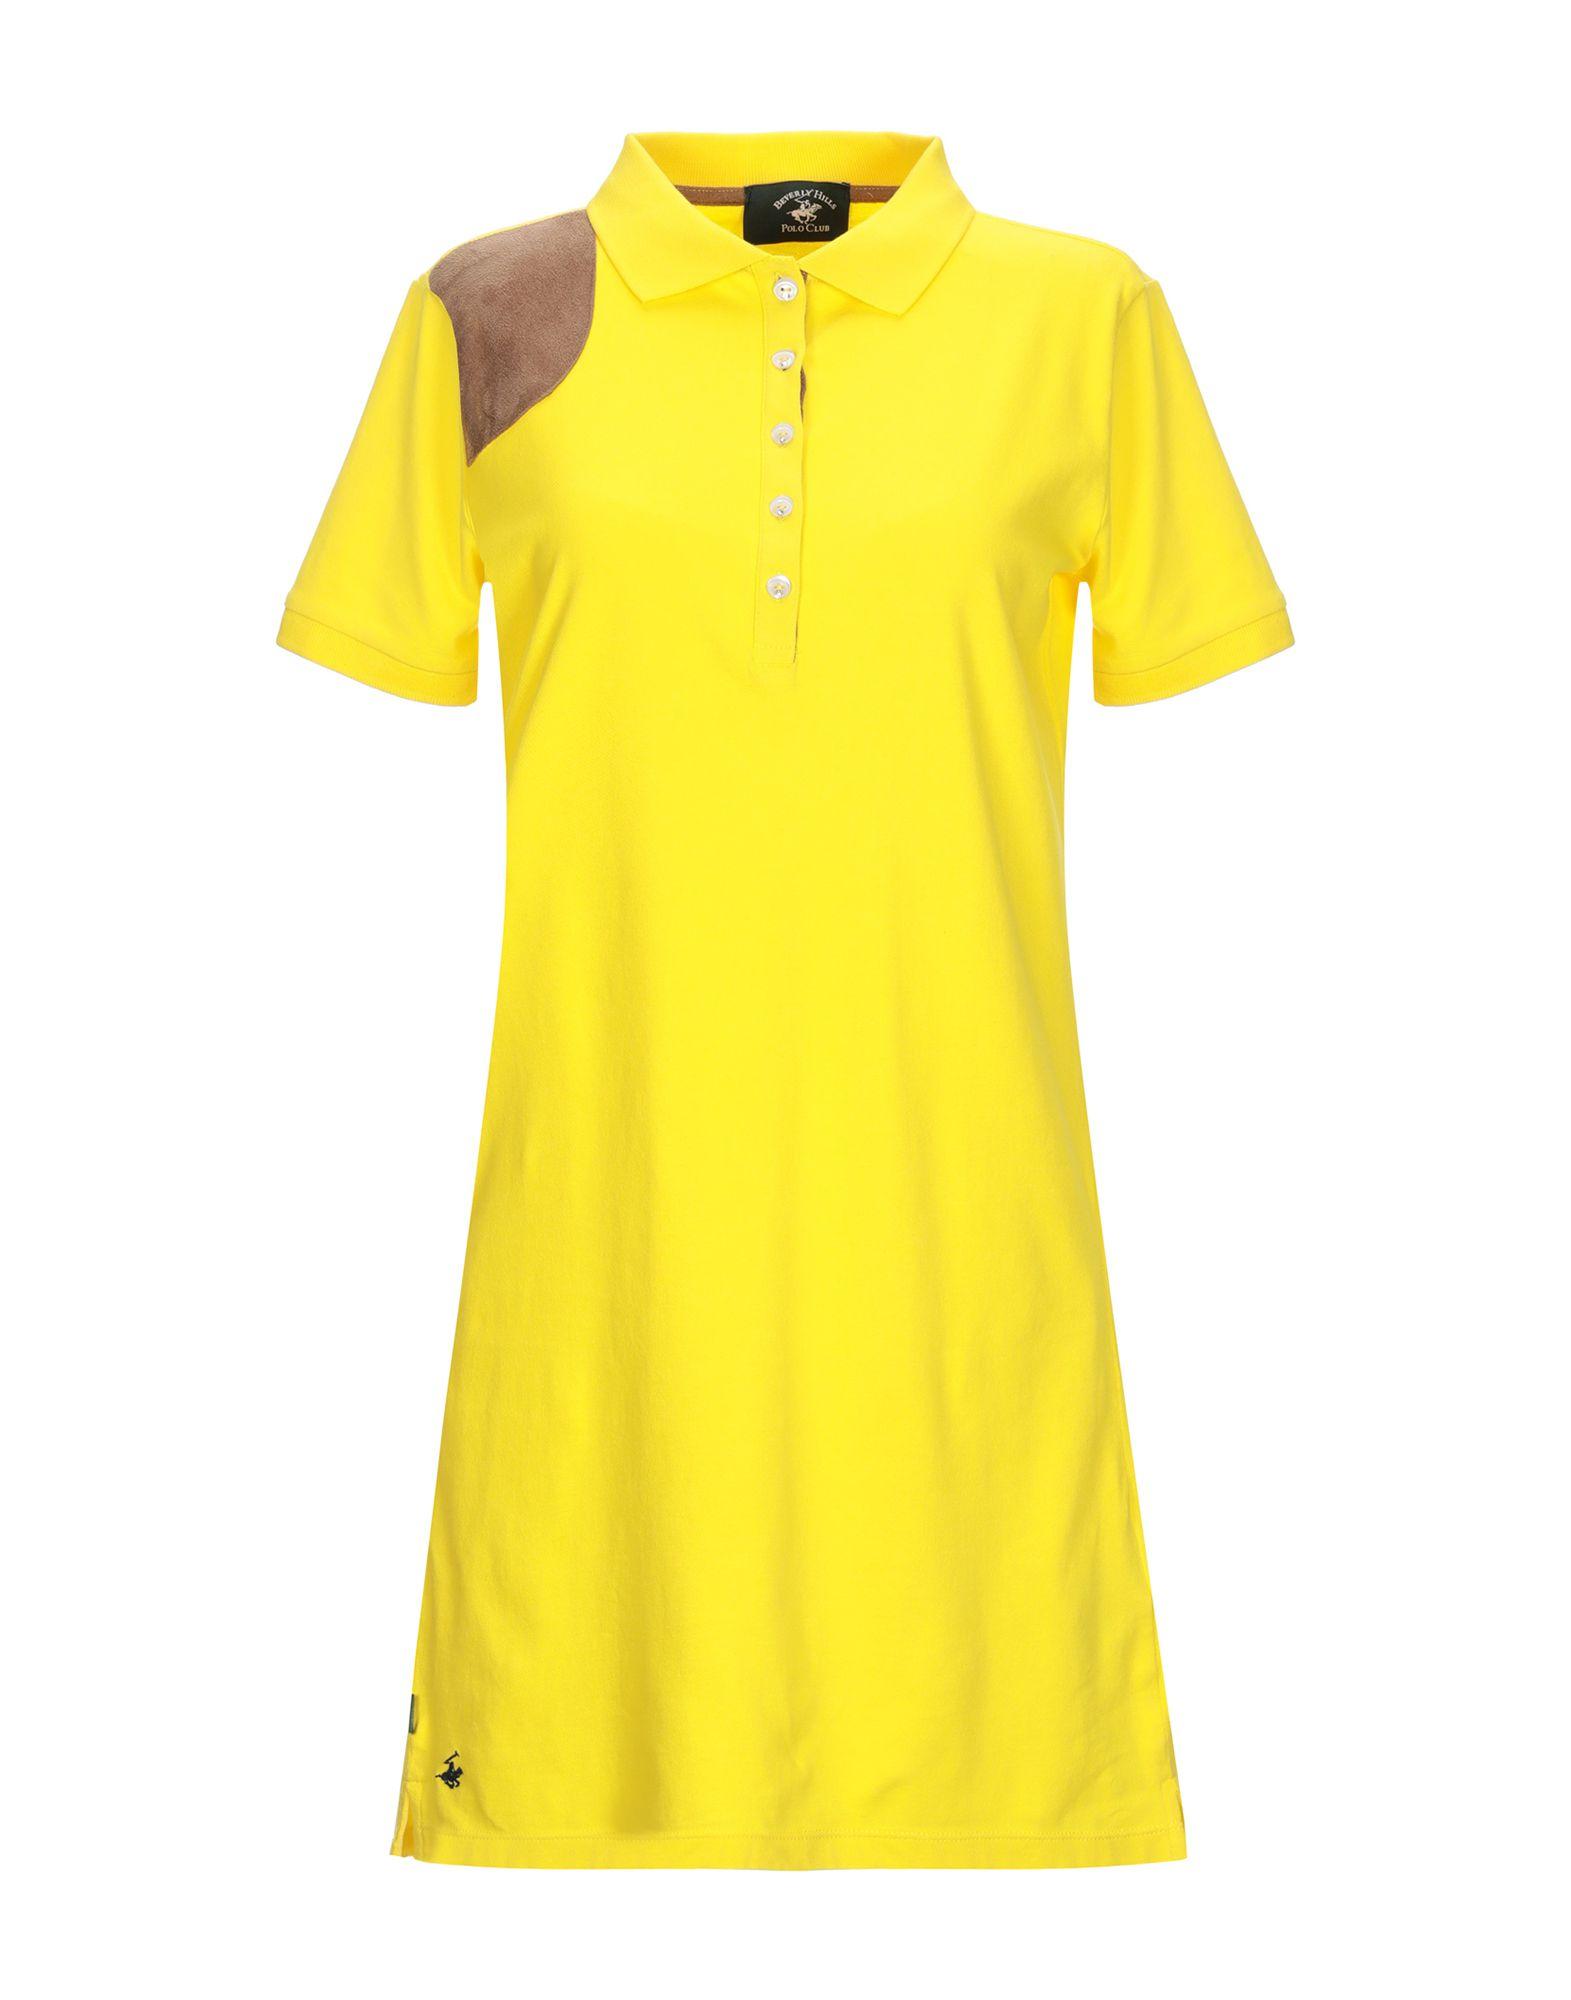 BEVERLY HILLS POLO CLUB Damen Kurzes Kleid Farbe Gelb Größe 5